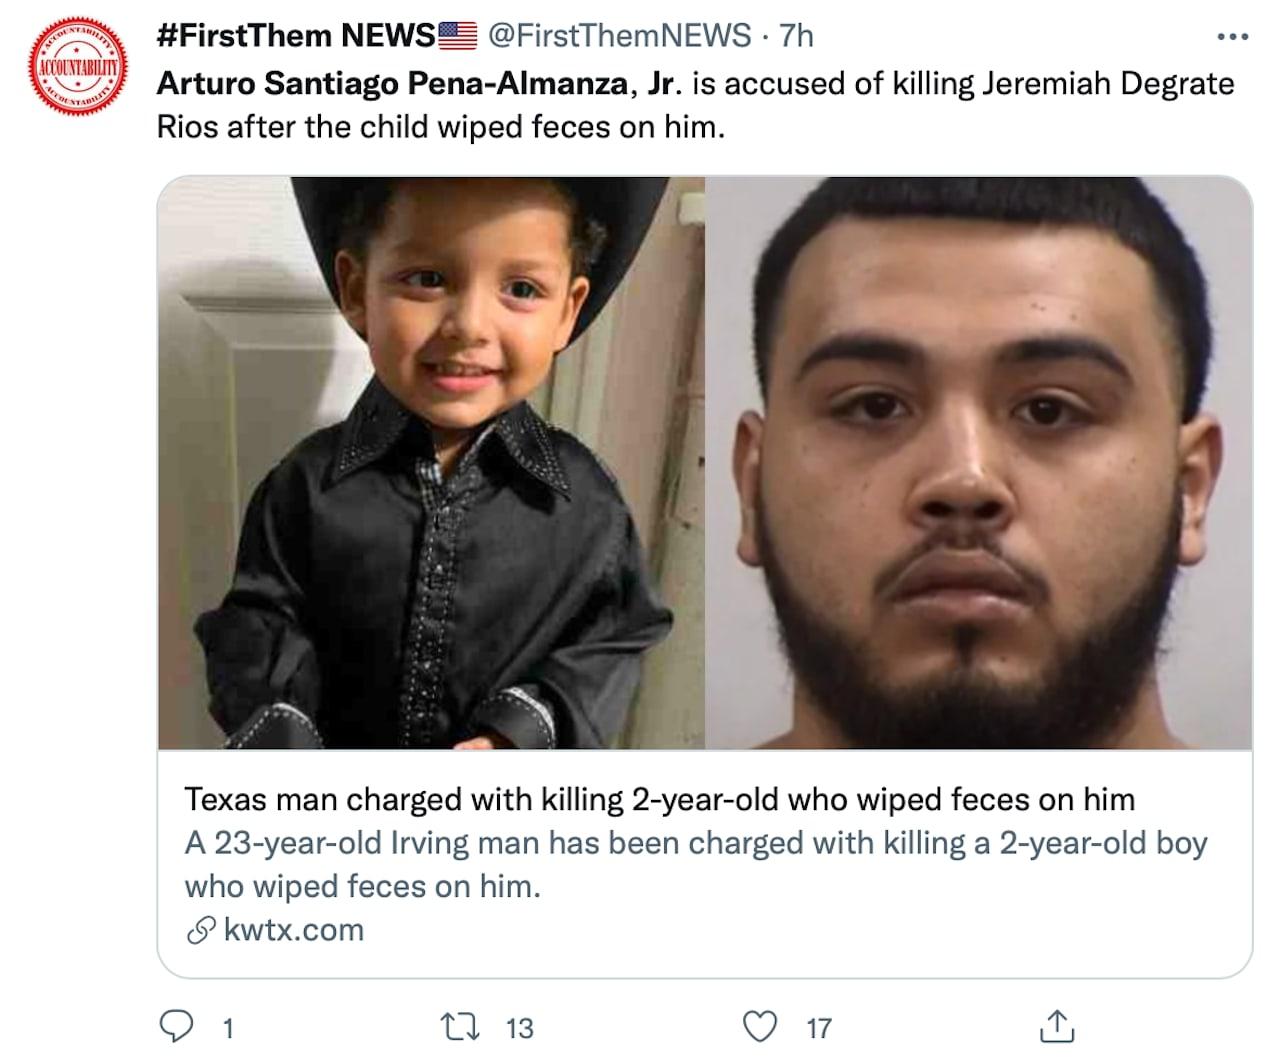 El hombre admite haber golpeado al niño varias veces